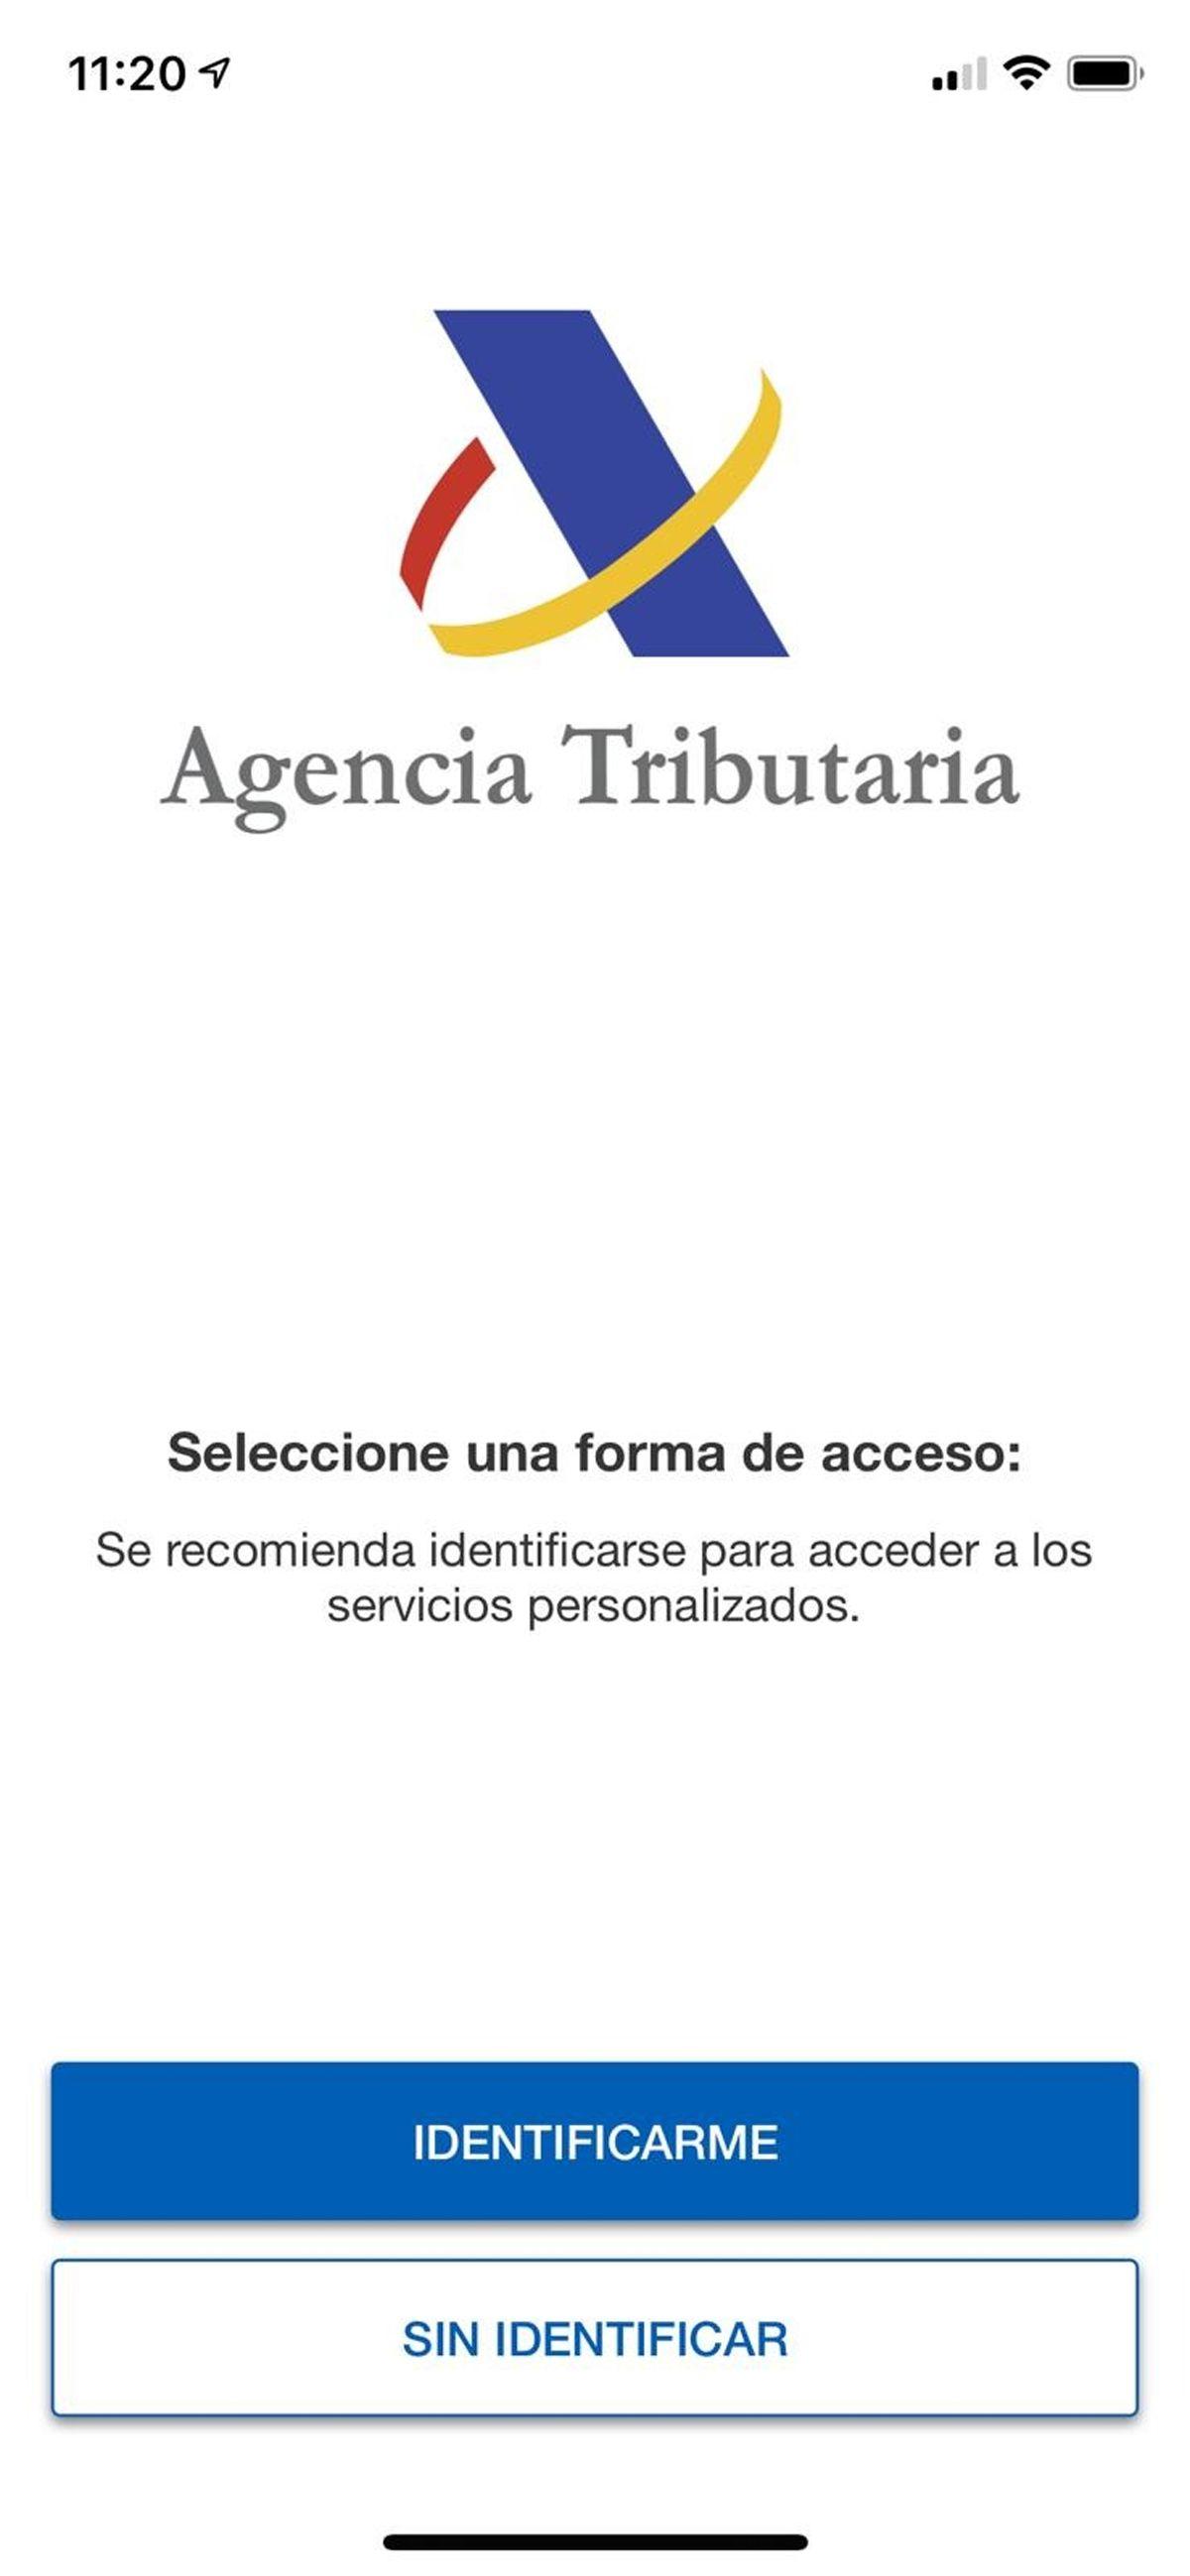 aplicación de la Agencia Tributaria